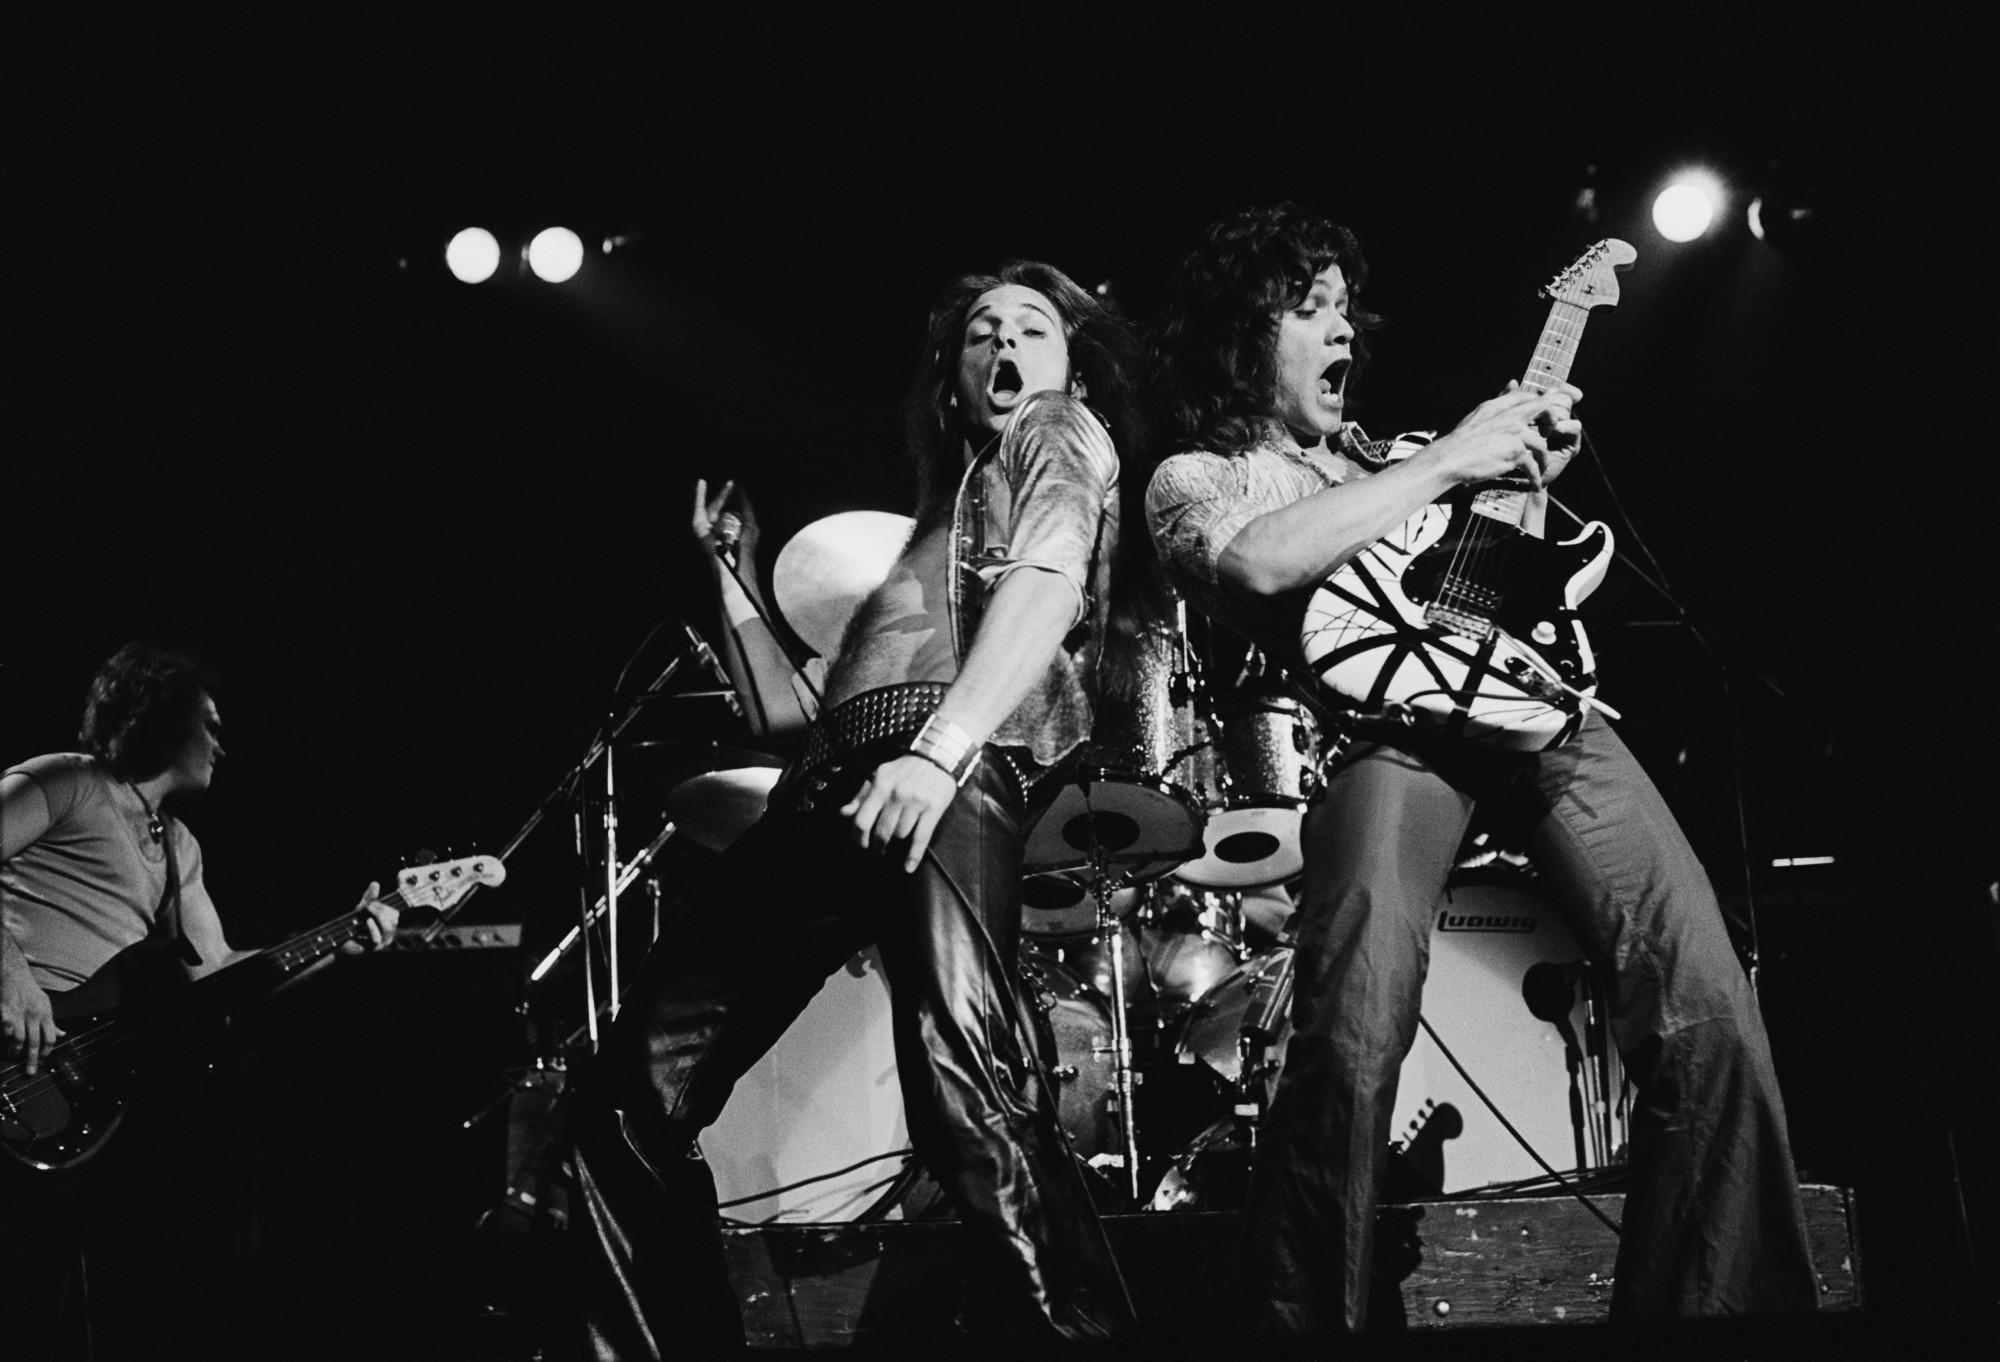 Res: 2000x1362, HD Wallpaper | Background Image ID:772359.  Music Van Halen